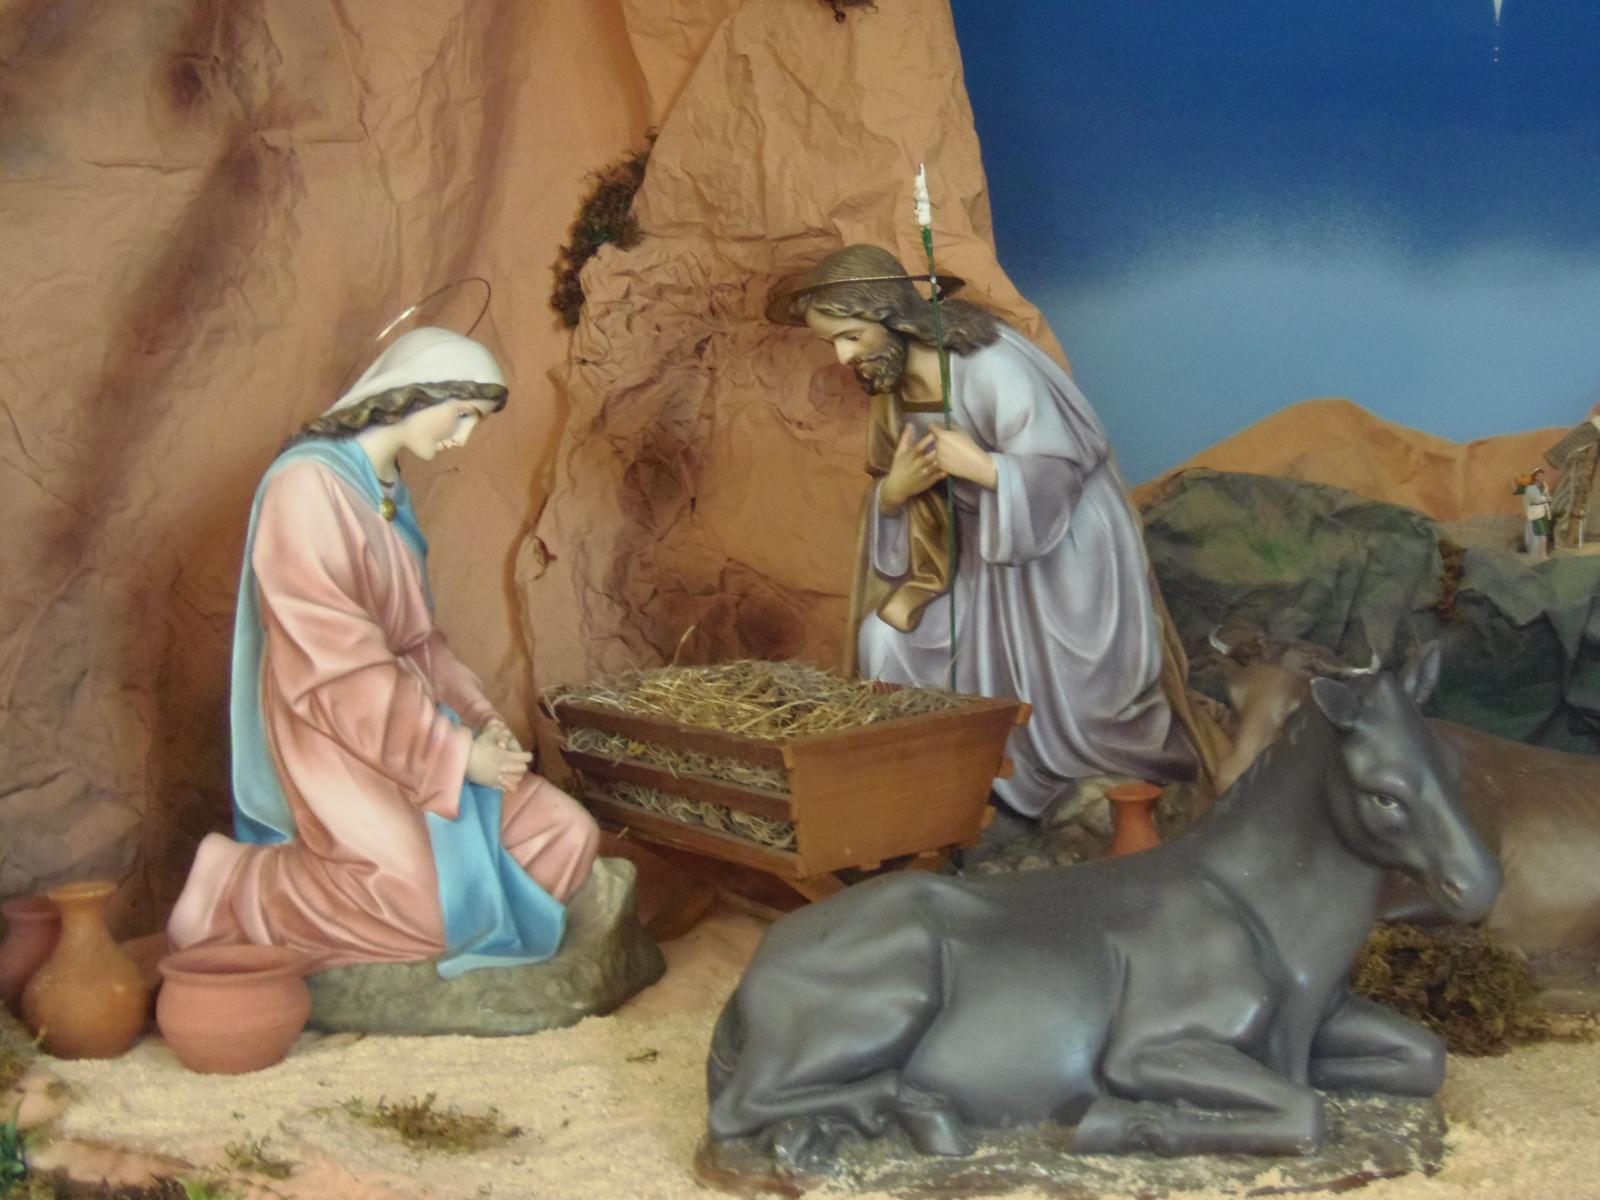 Parroquia El Calvario de Santa Ana, exhibirá nacimiento hasta el 10 de enero